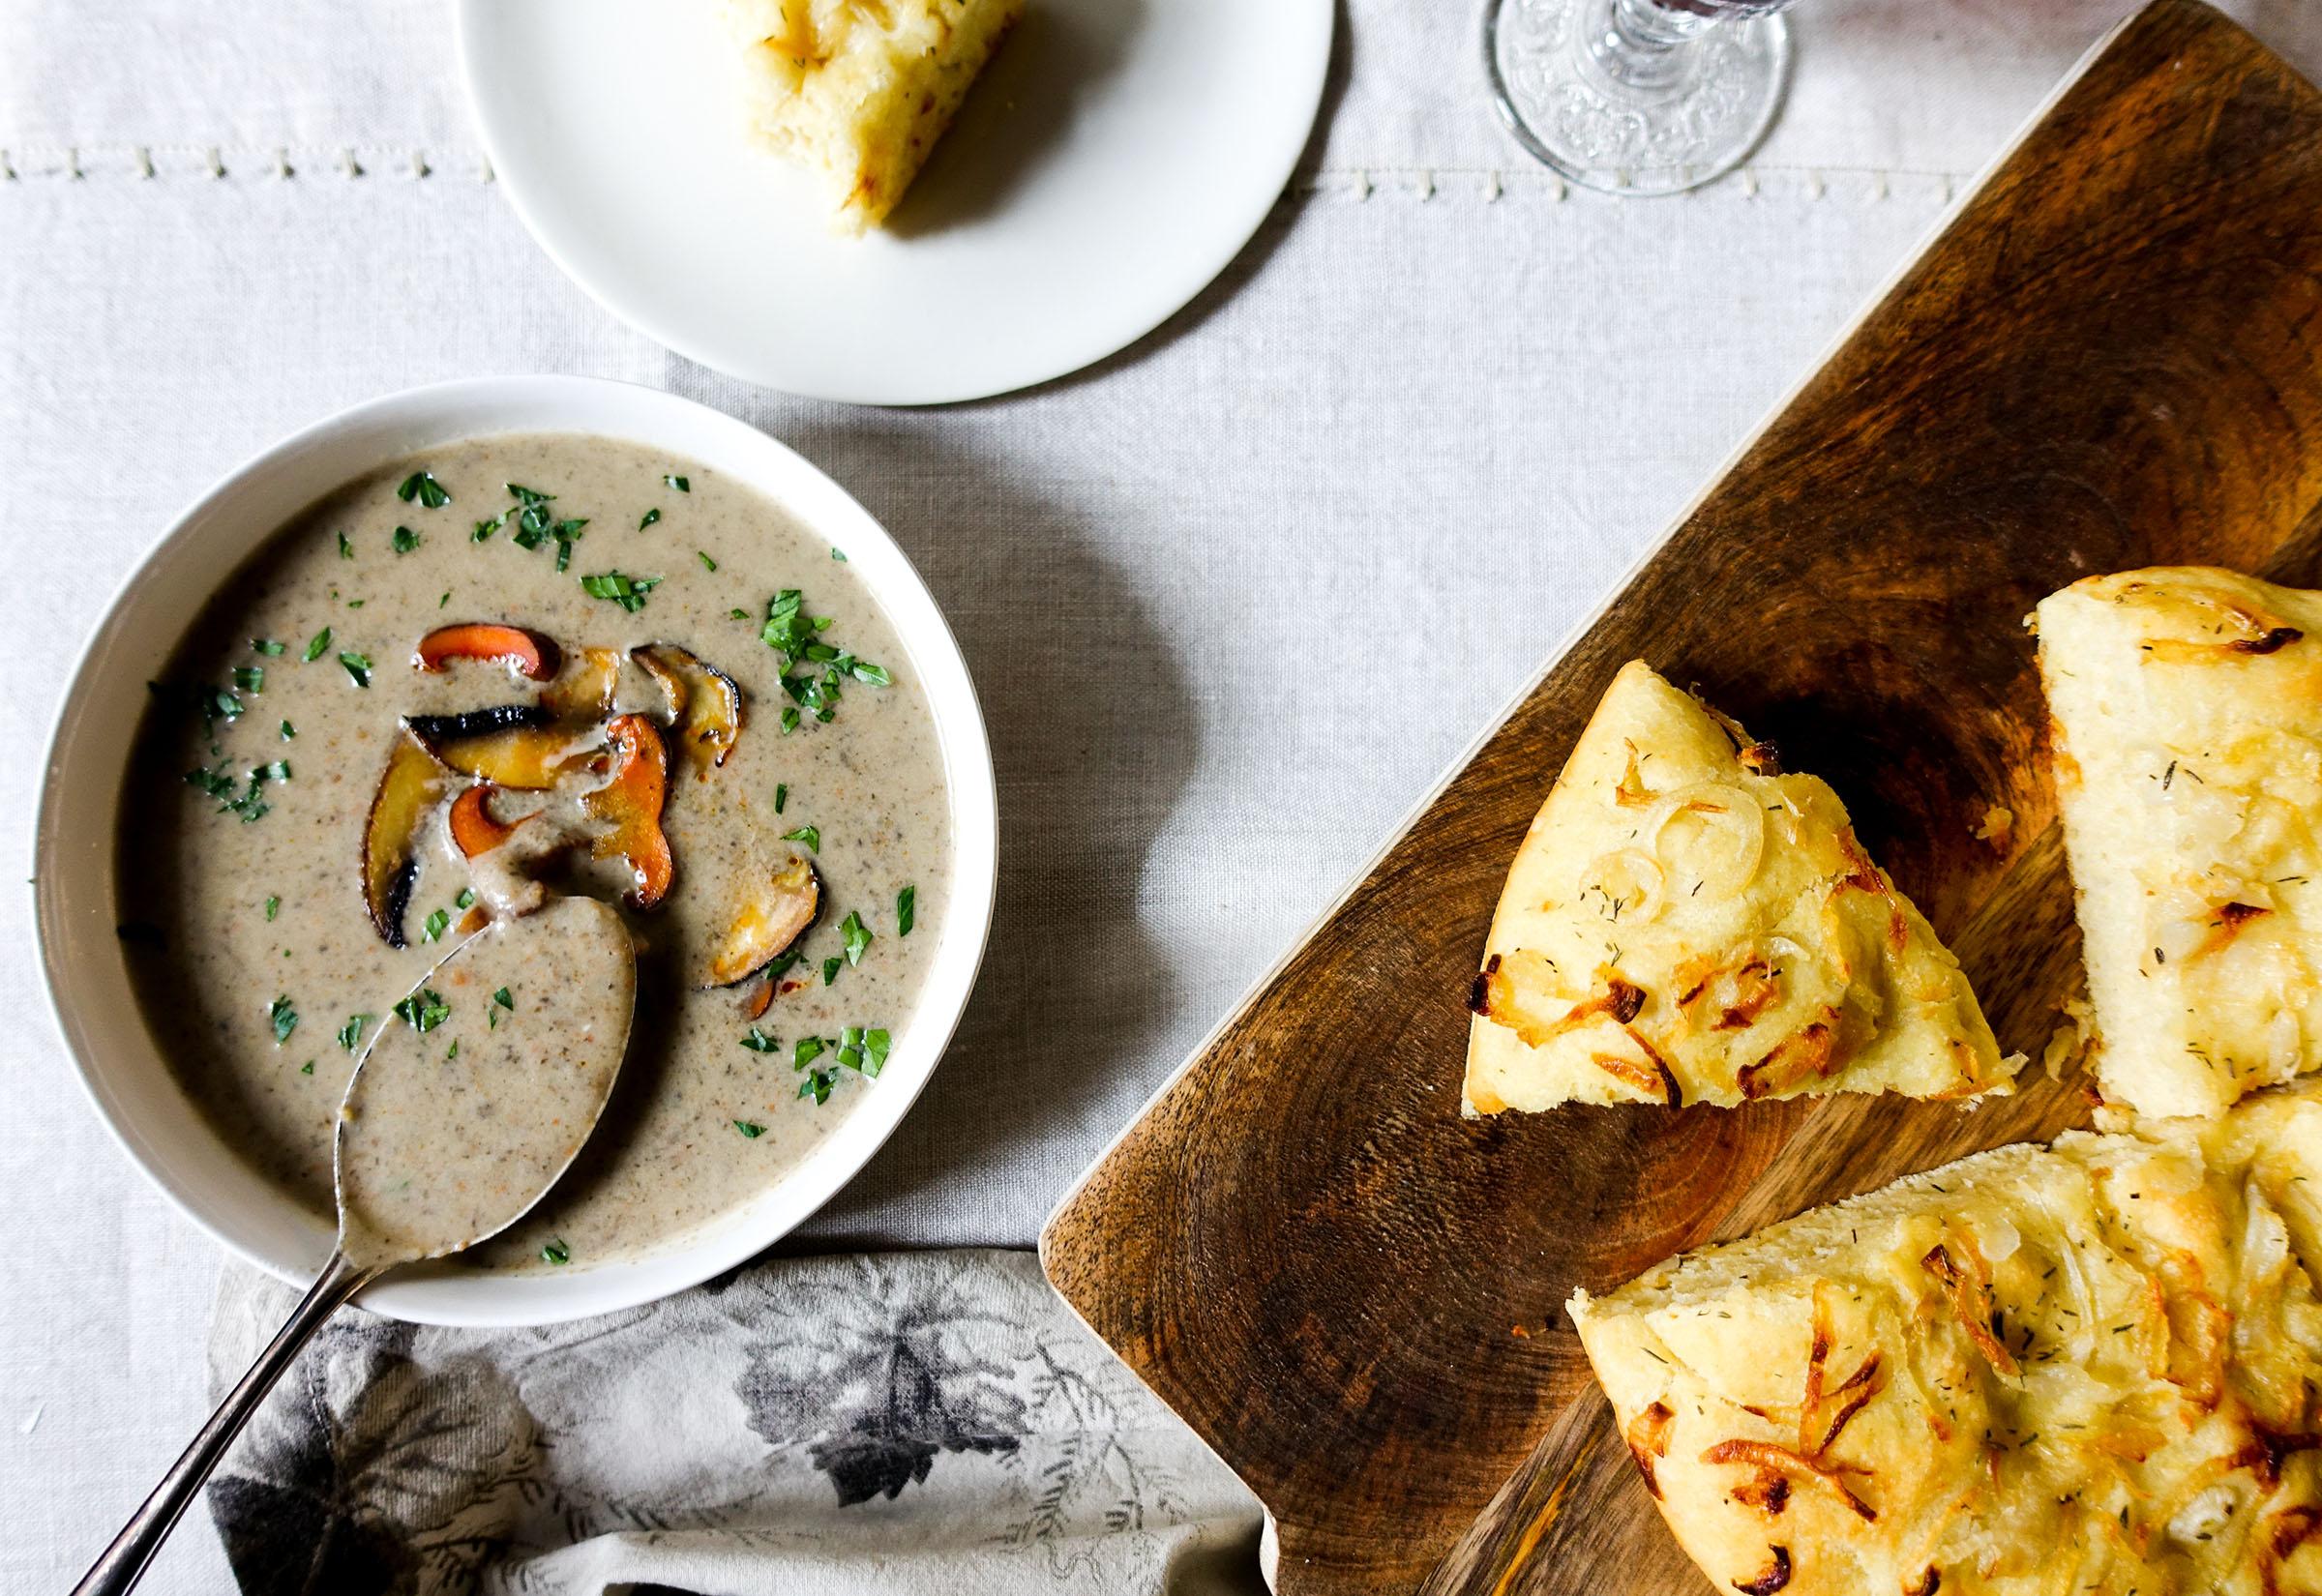 Mushroom and potato soup with cipolline onion focaccia – zuppa di funghi e patate con focaccia alle cipolline